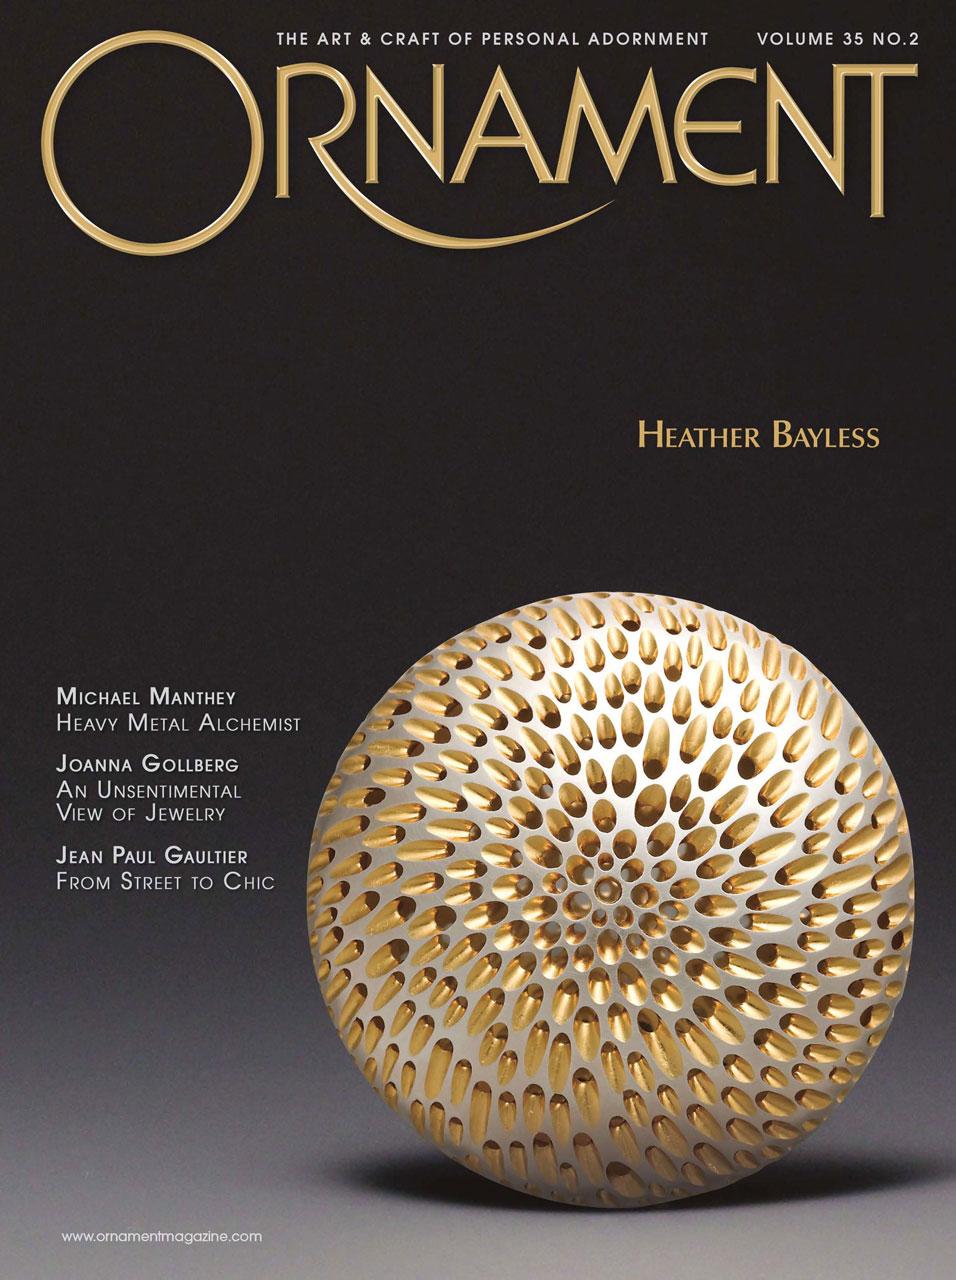 Orn35_2_Cover.jpg